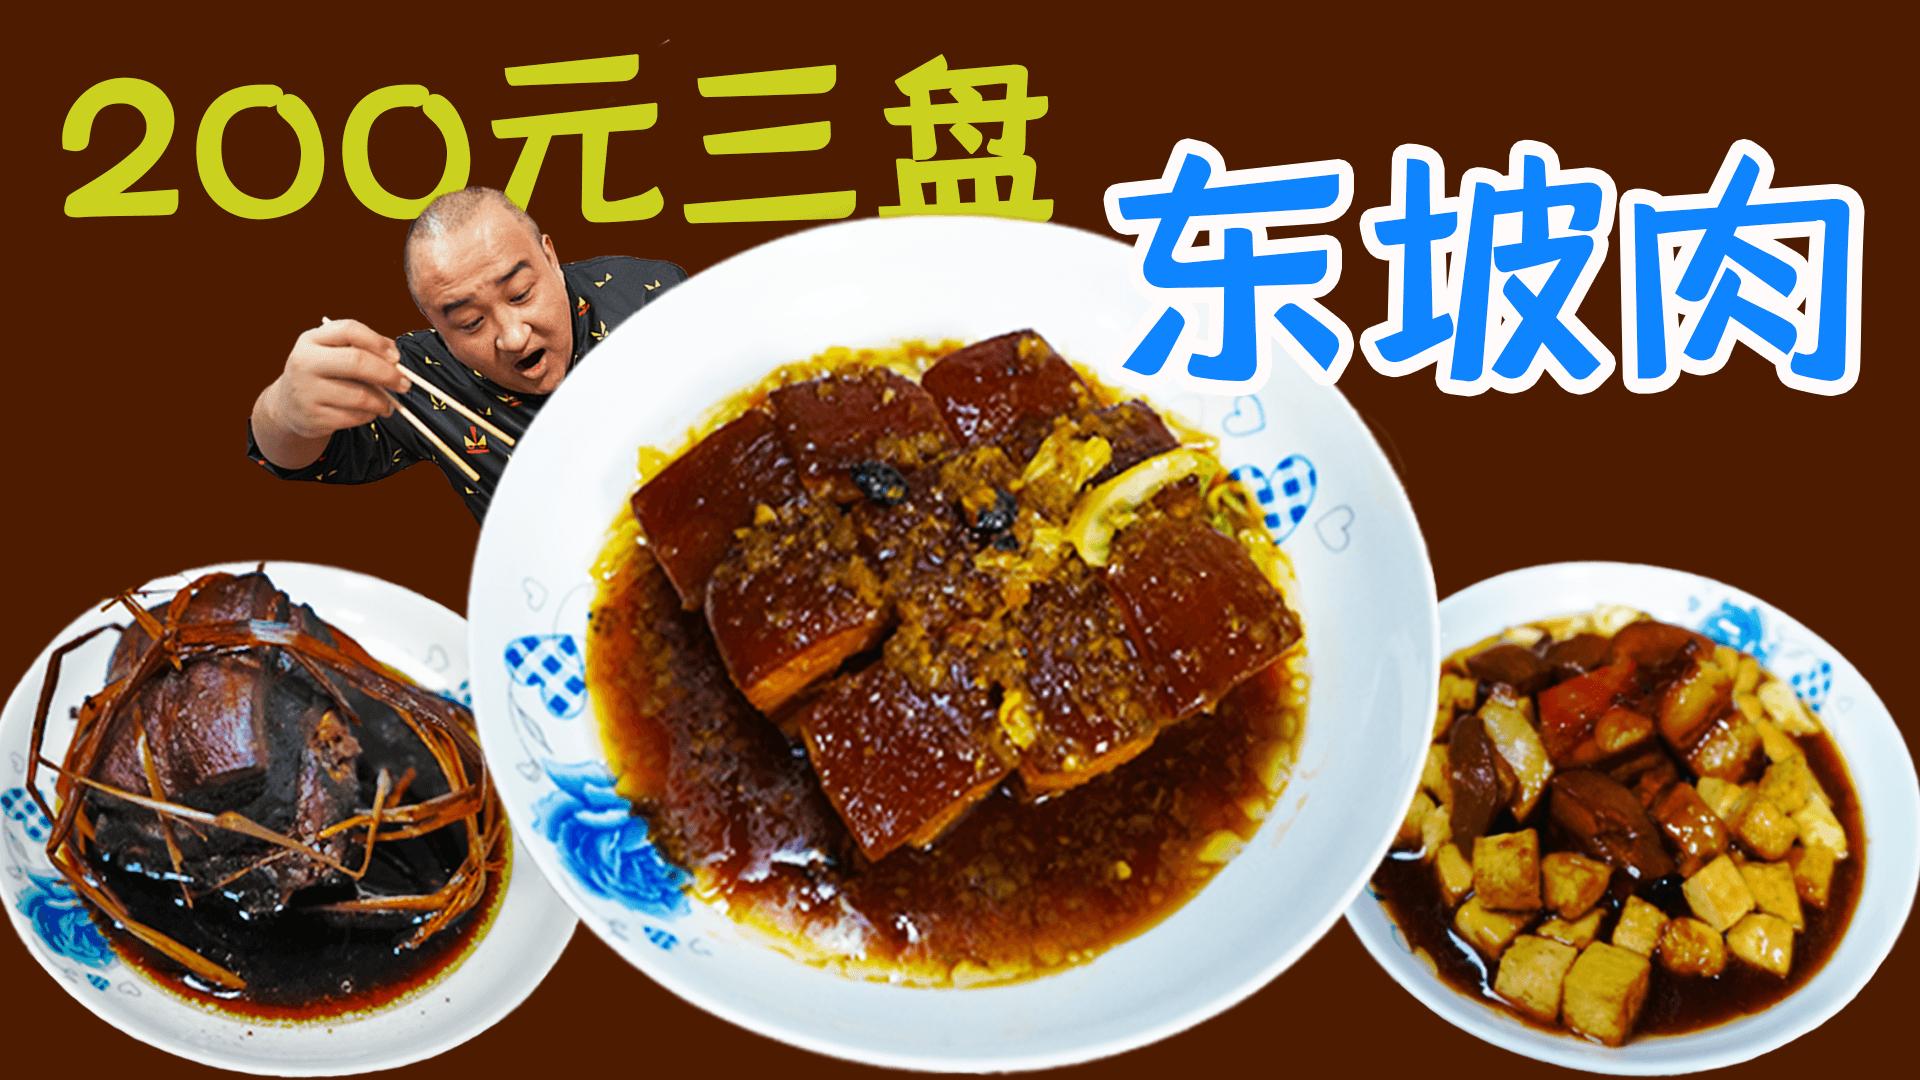 【吃货请闭眼】1人吃3盘入口即化的红烧肉?配上米饭和大蒜,肉香四溢吃起来超爽!